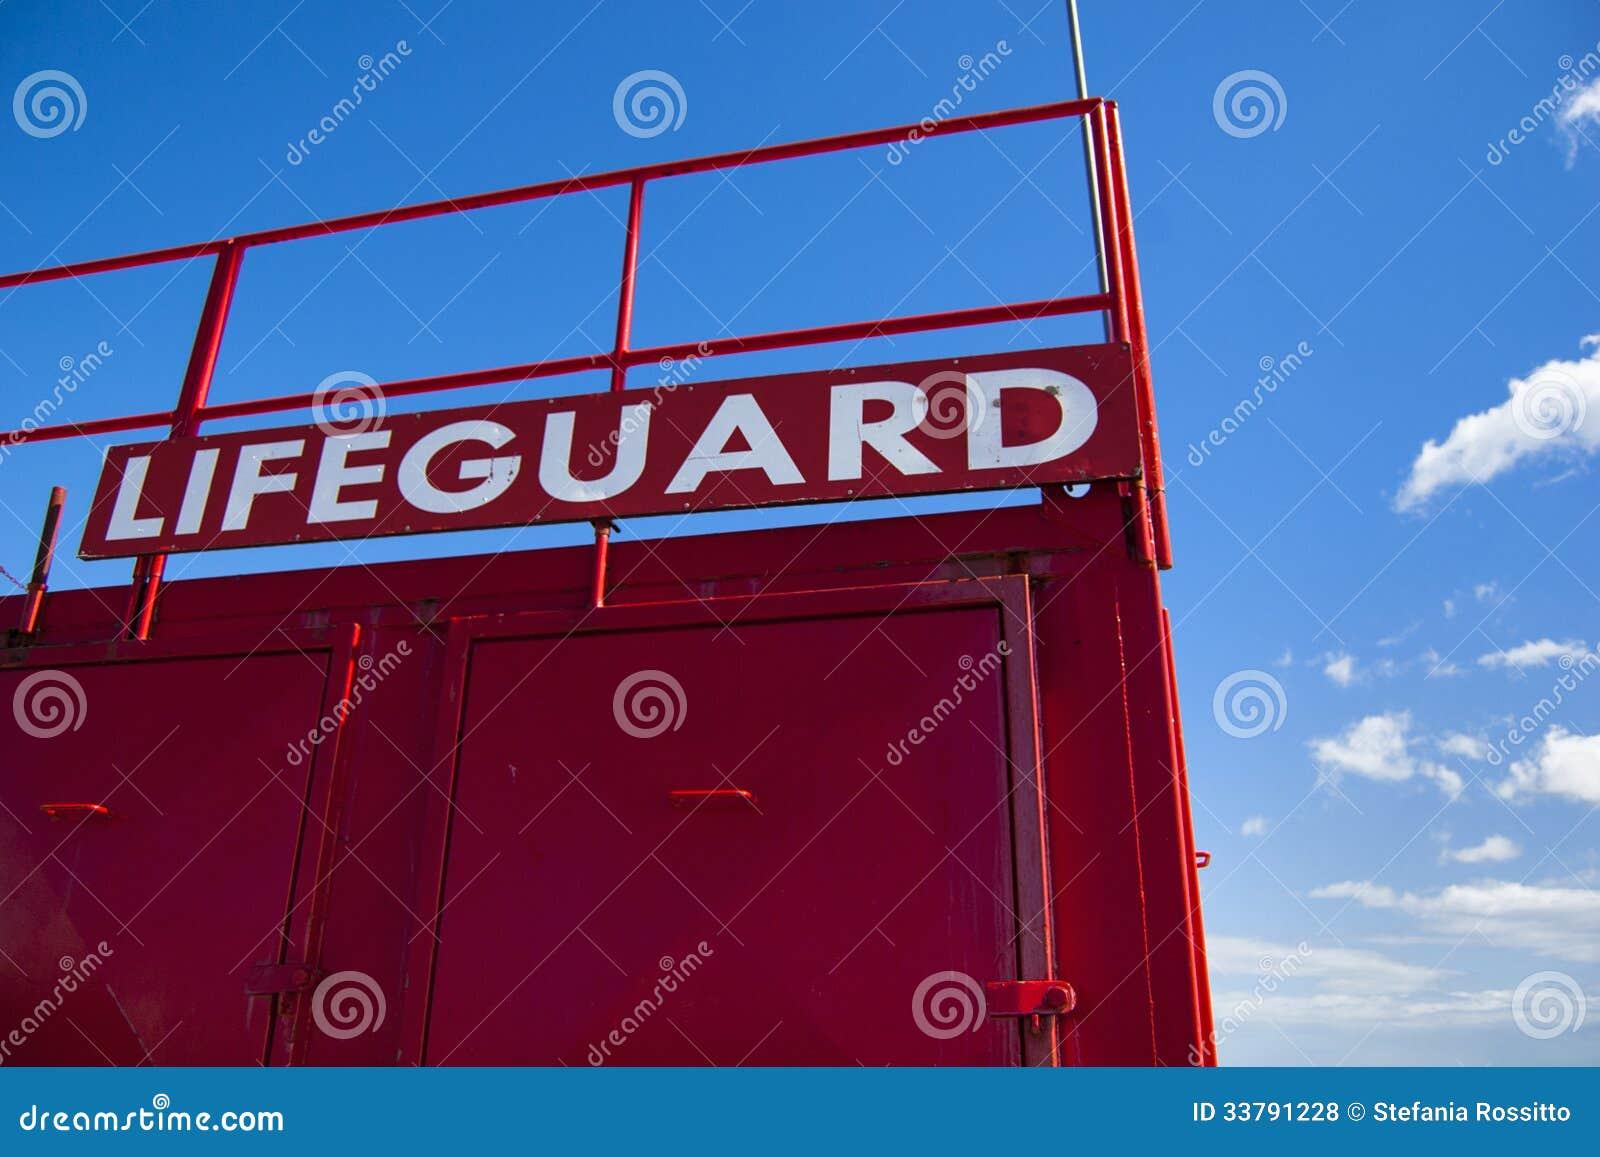 Lifeguard Tower Royalty Free Stock Photos Image 33791228